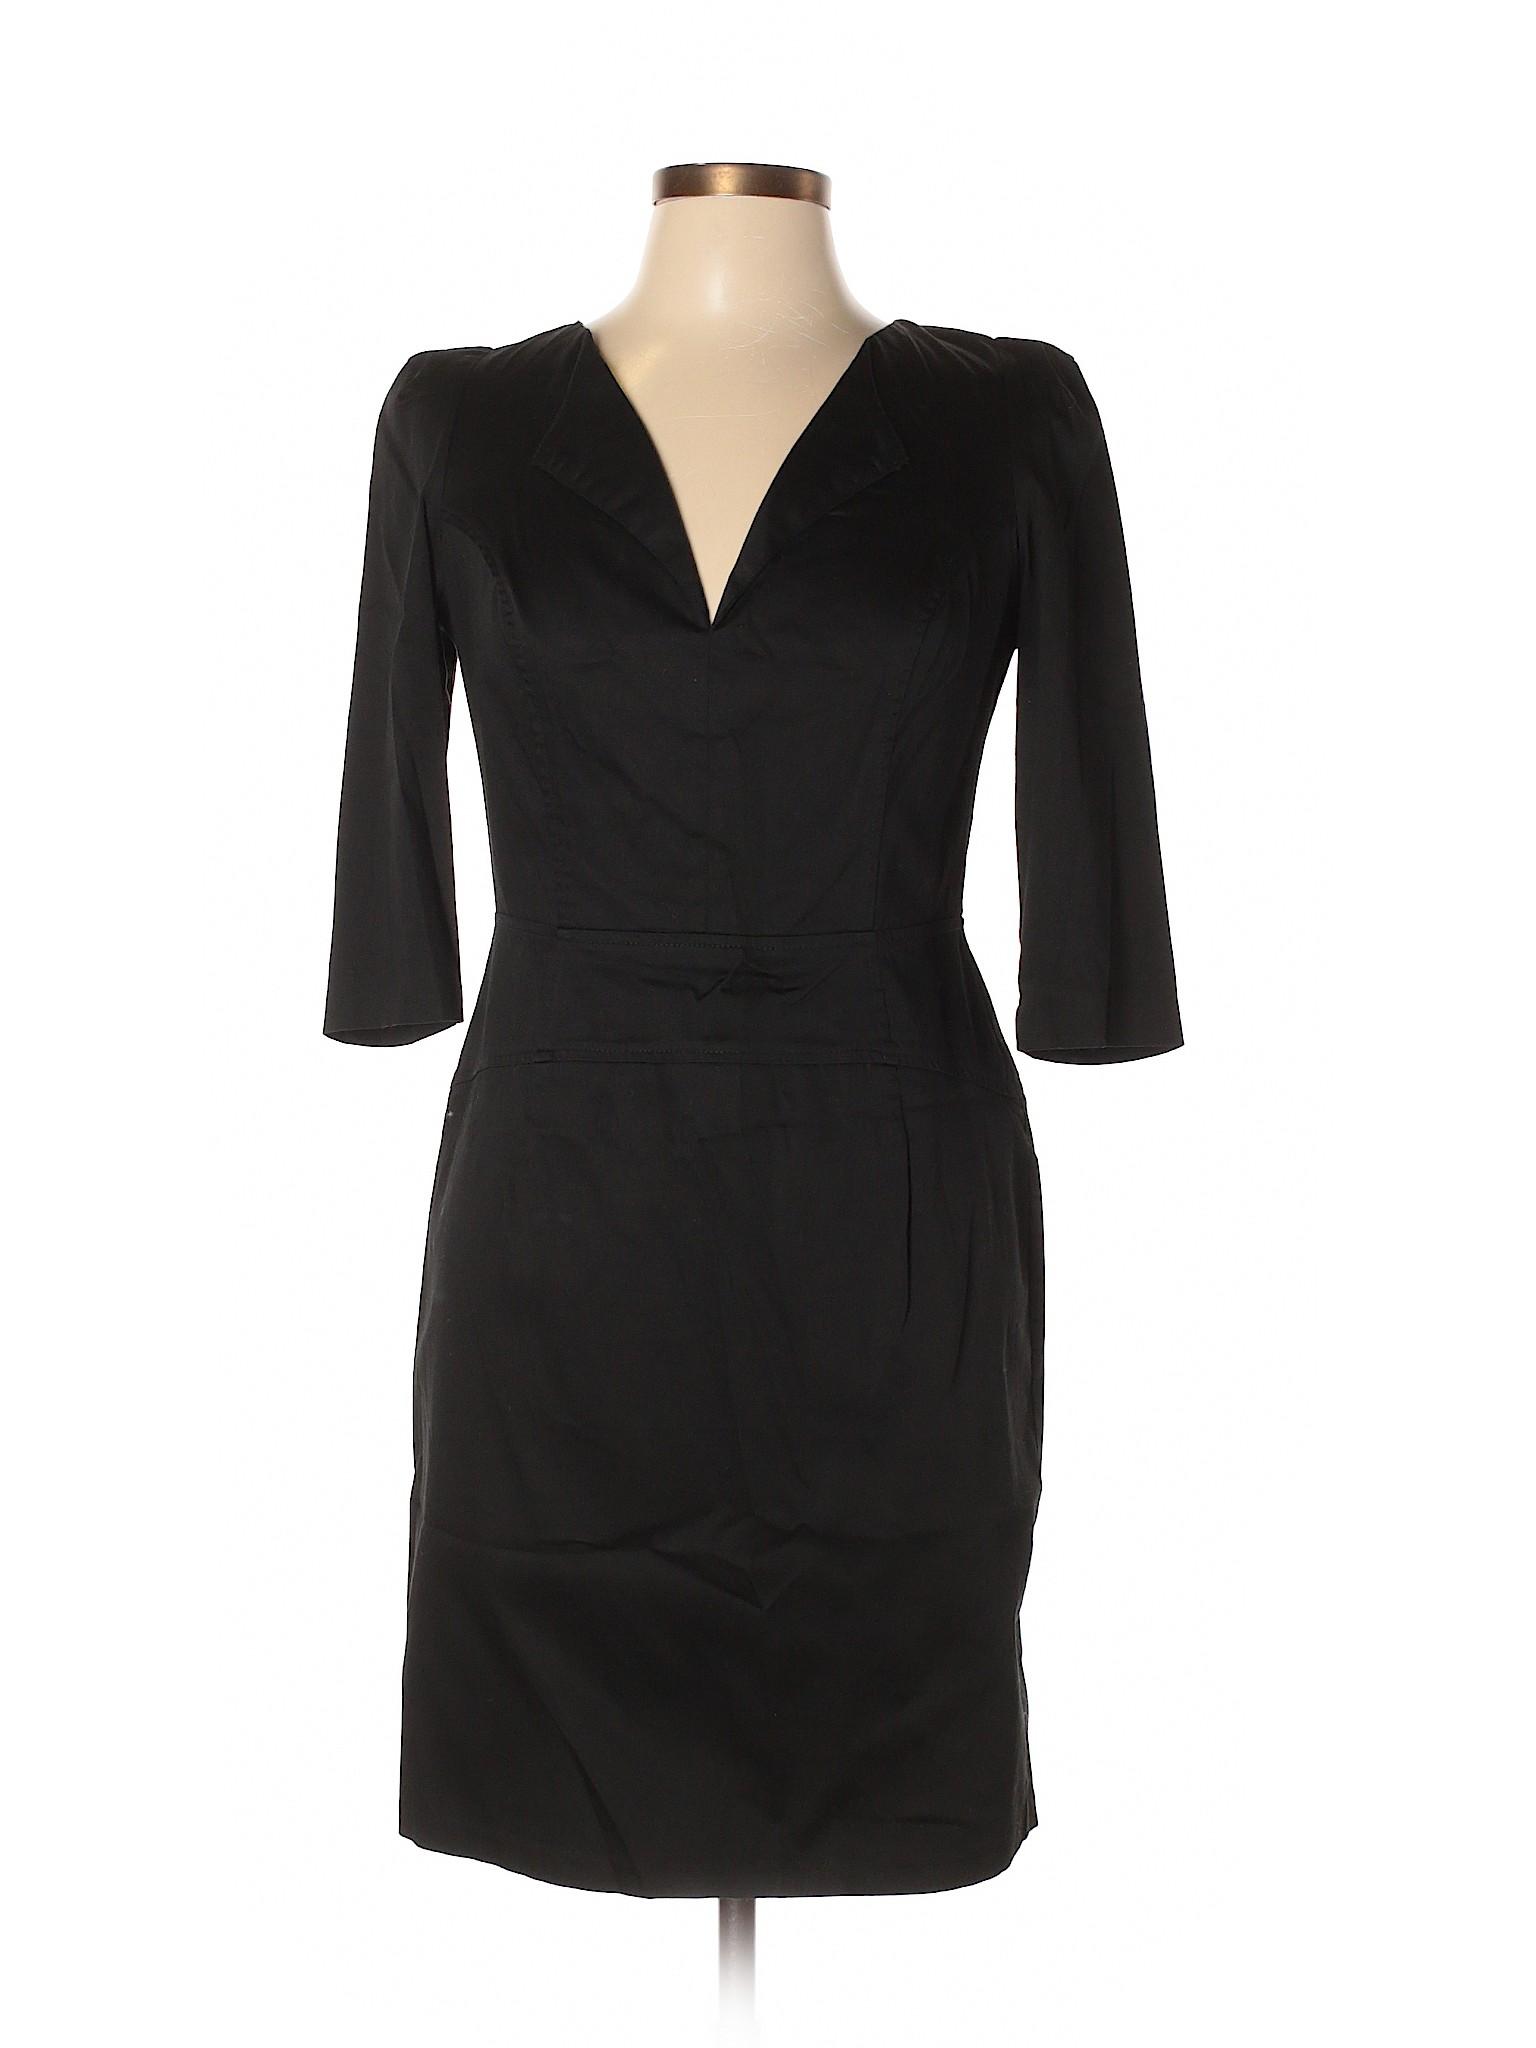 ASOS ASOS Casual ASOS Casual Dress Selling Selling ASOS Selling Casual Selling Dress Dress pOwTTq